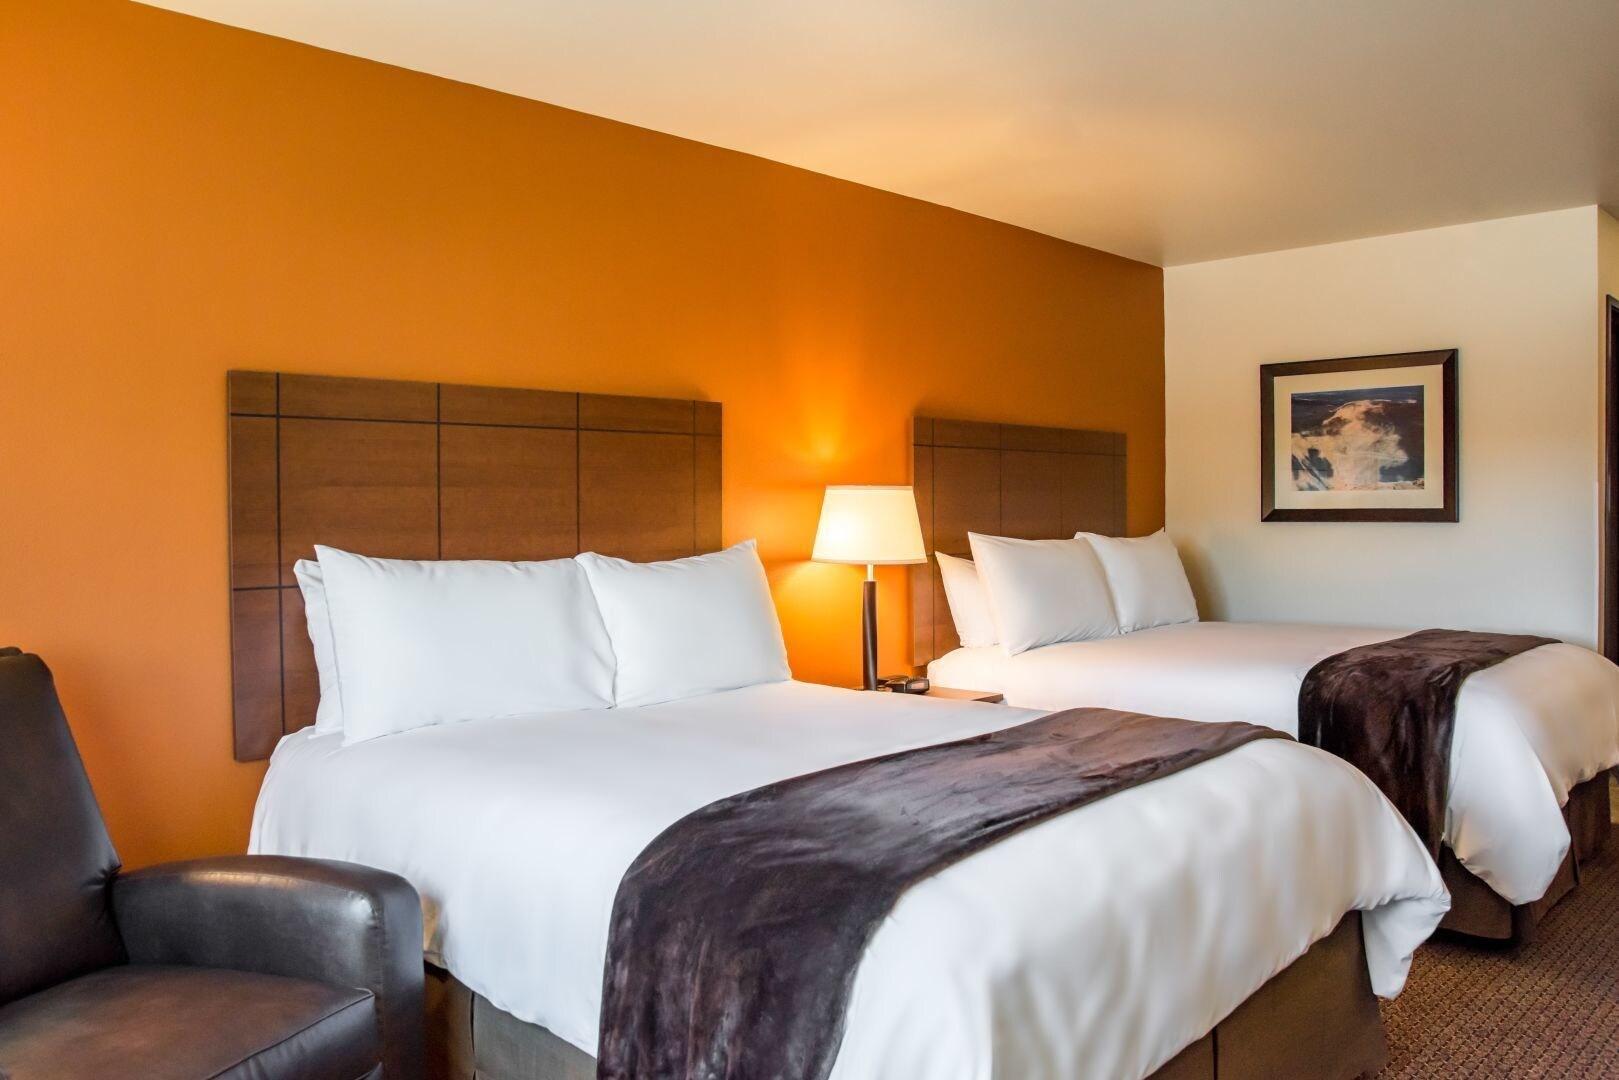 My Place Hotel-Hurricane UT, Washington